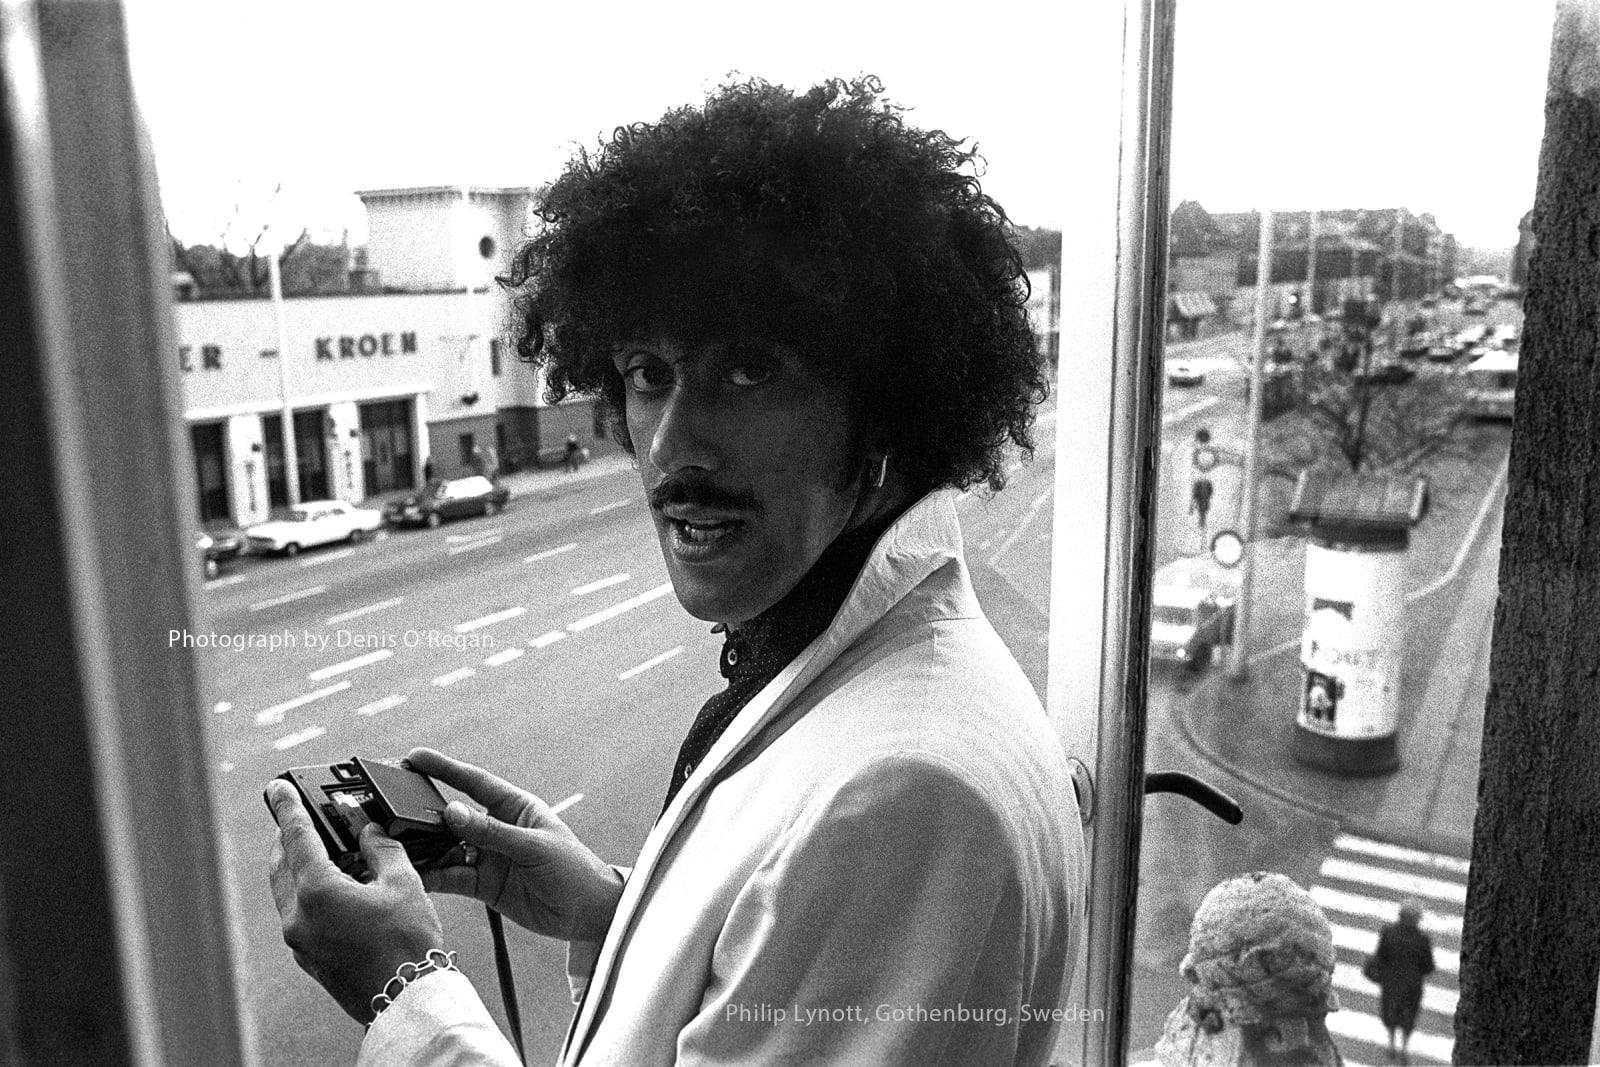 THIN LIZZY, Philip Lynott Gothenburg, 1981